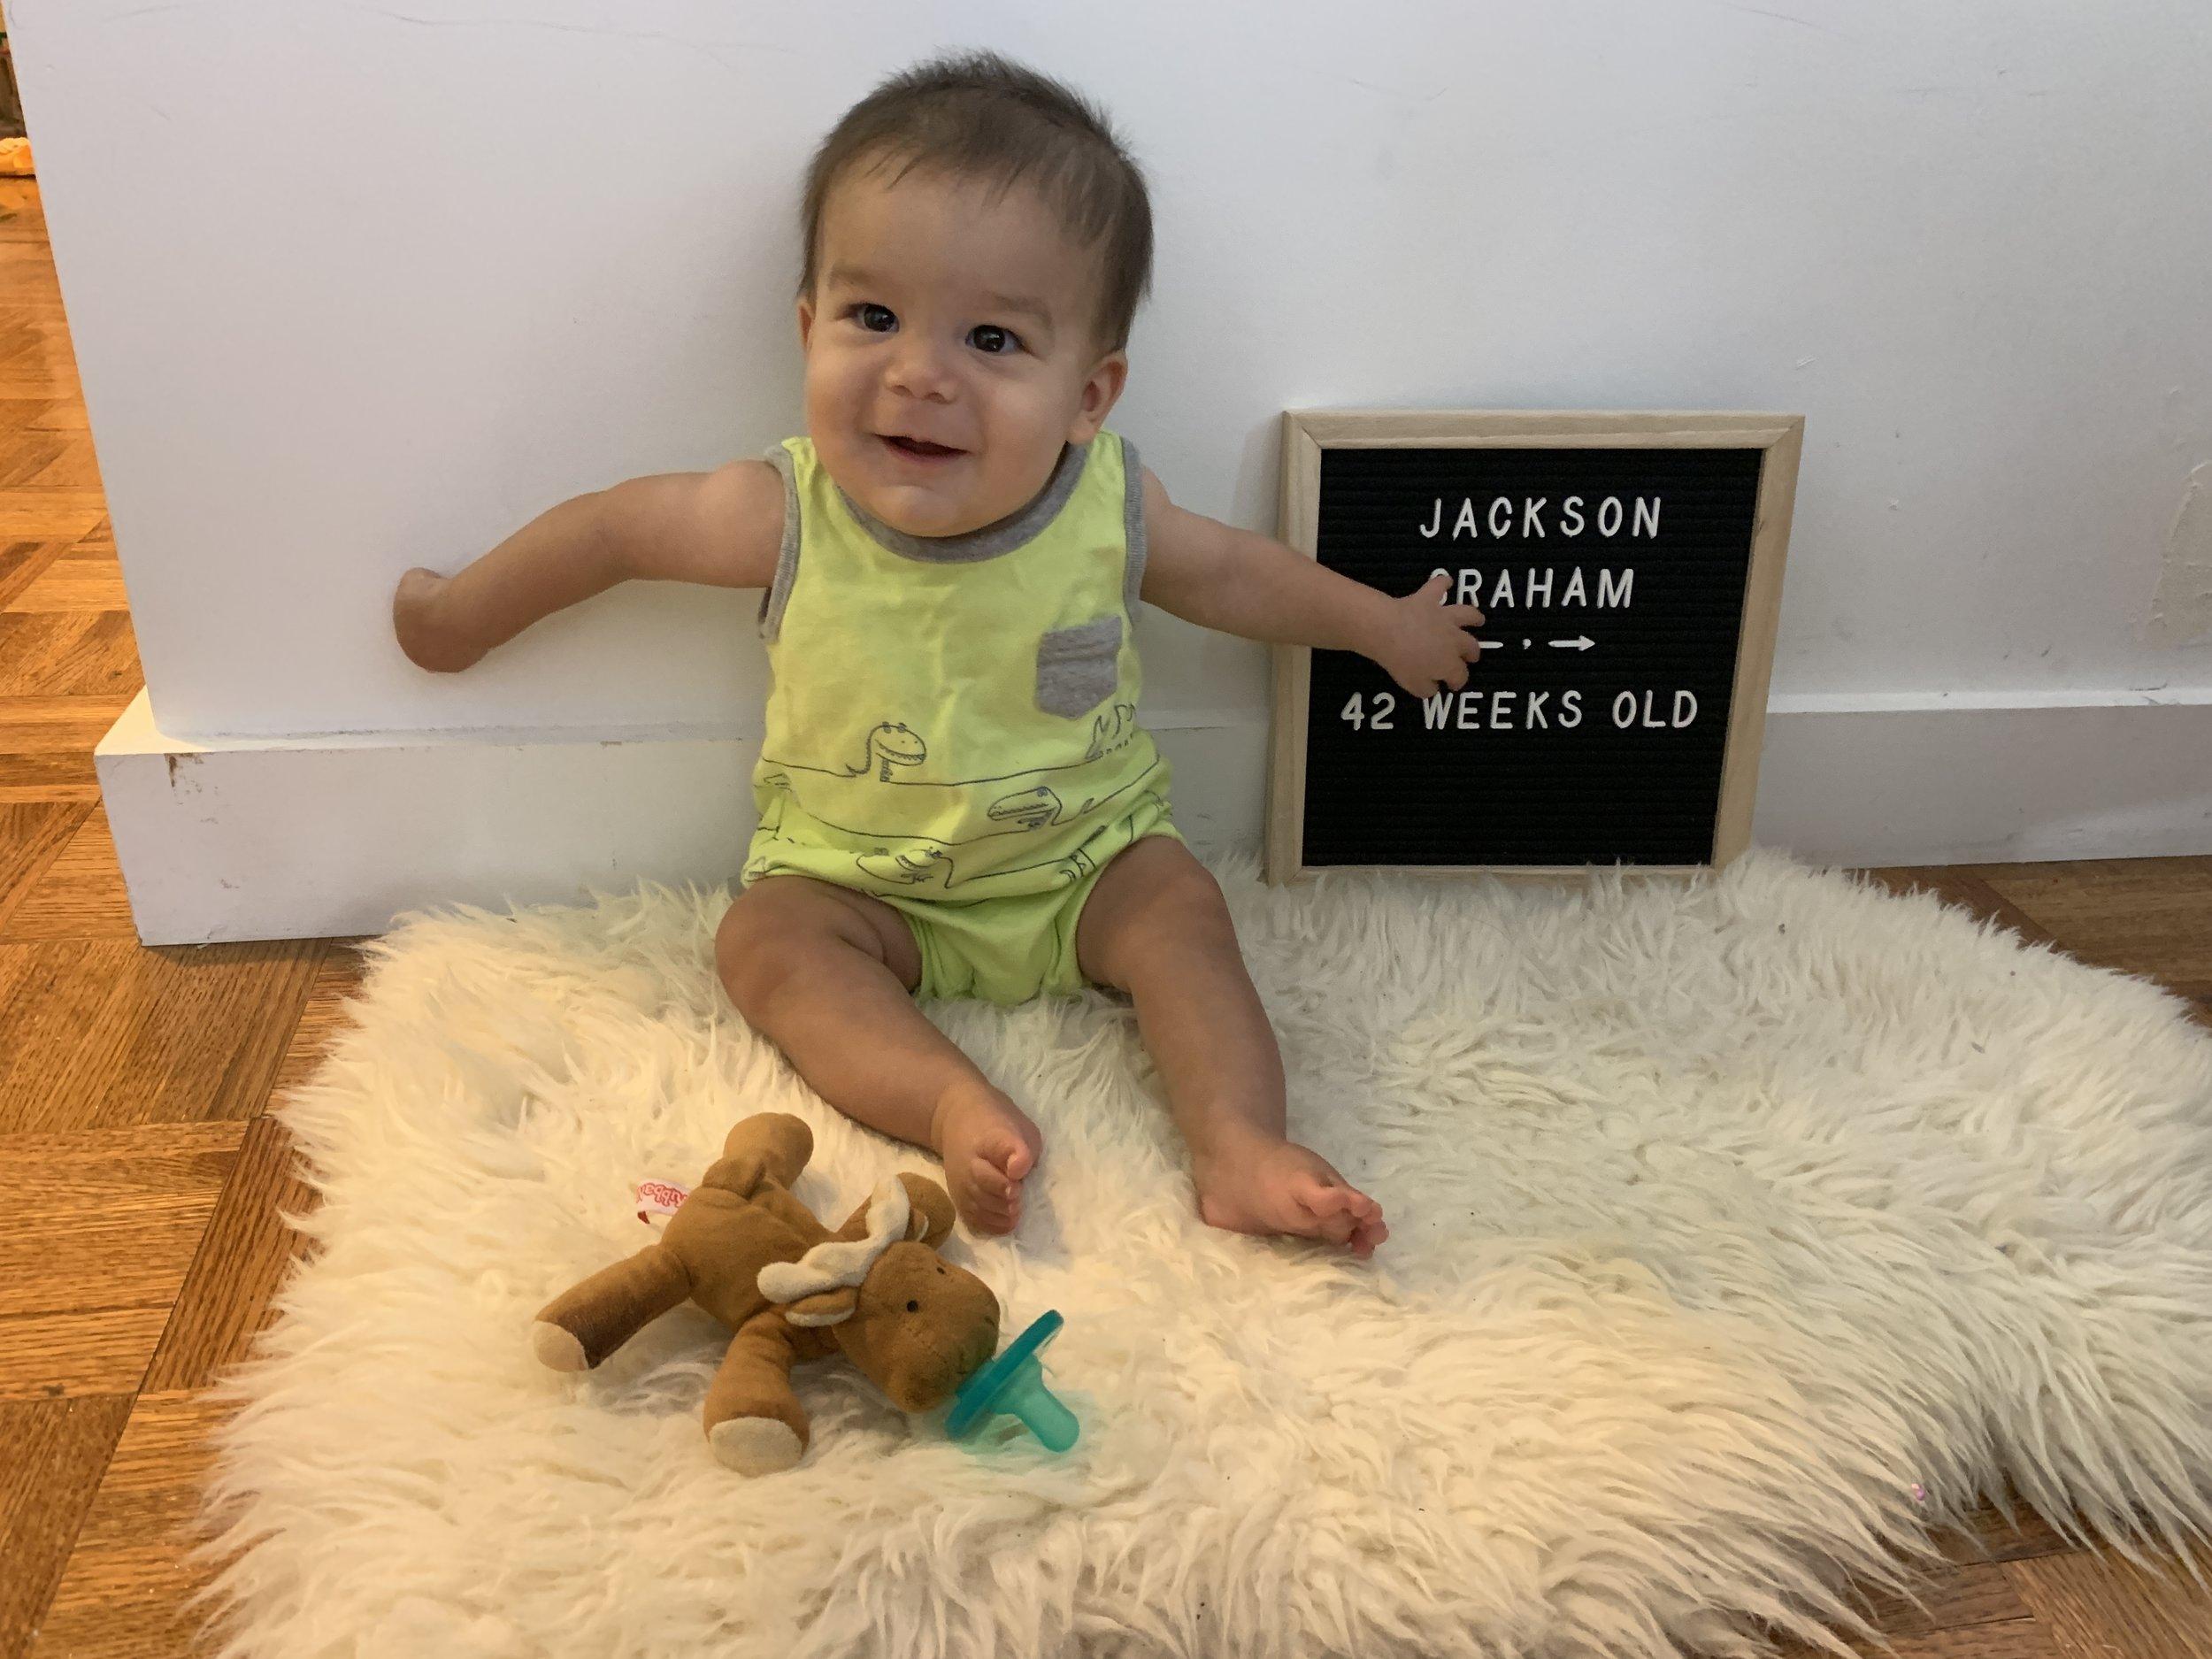 42 weeks old